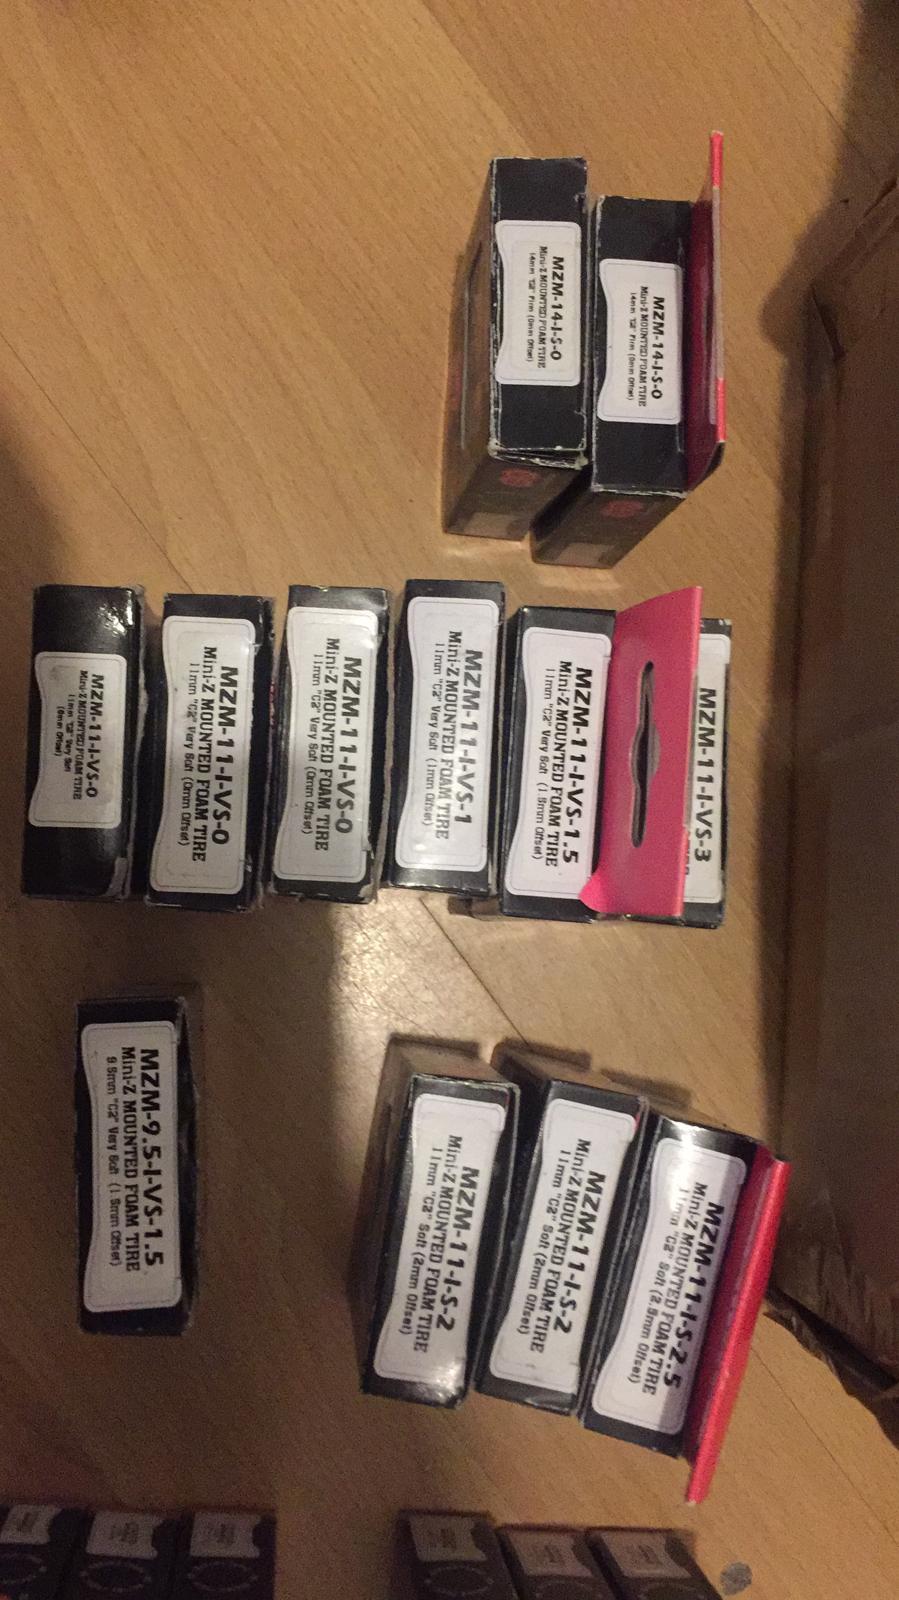 vente miniz : 2xVE, Pièces option, Autoscales Miniz et Dnano 890c8210